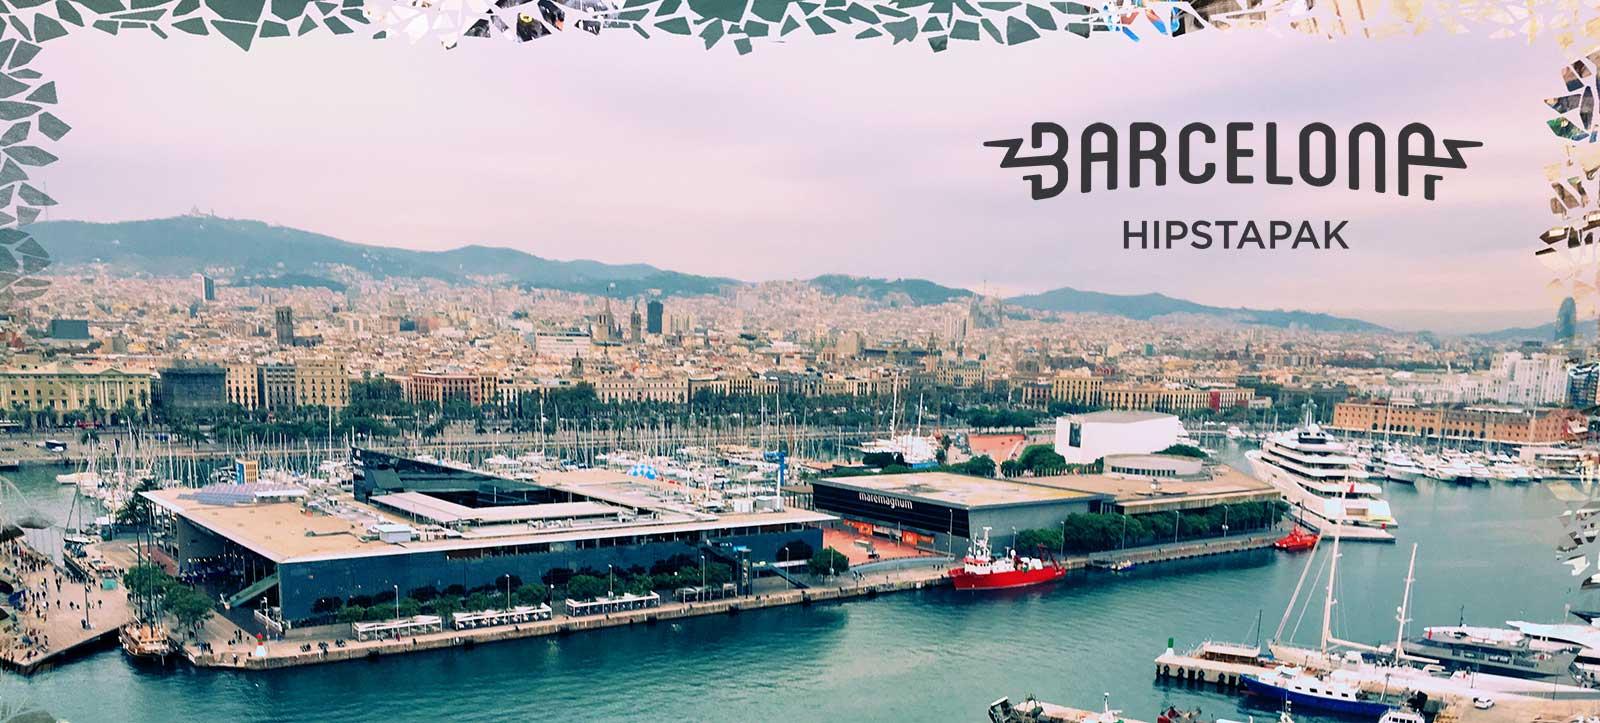 Barcelona-HipstaPak-banner